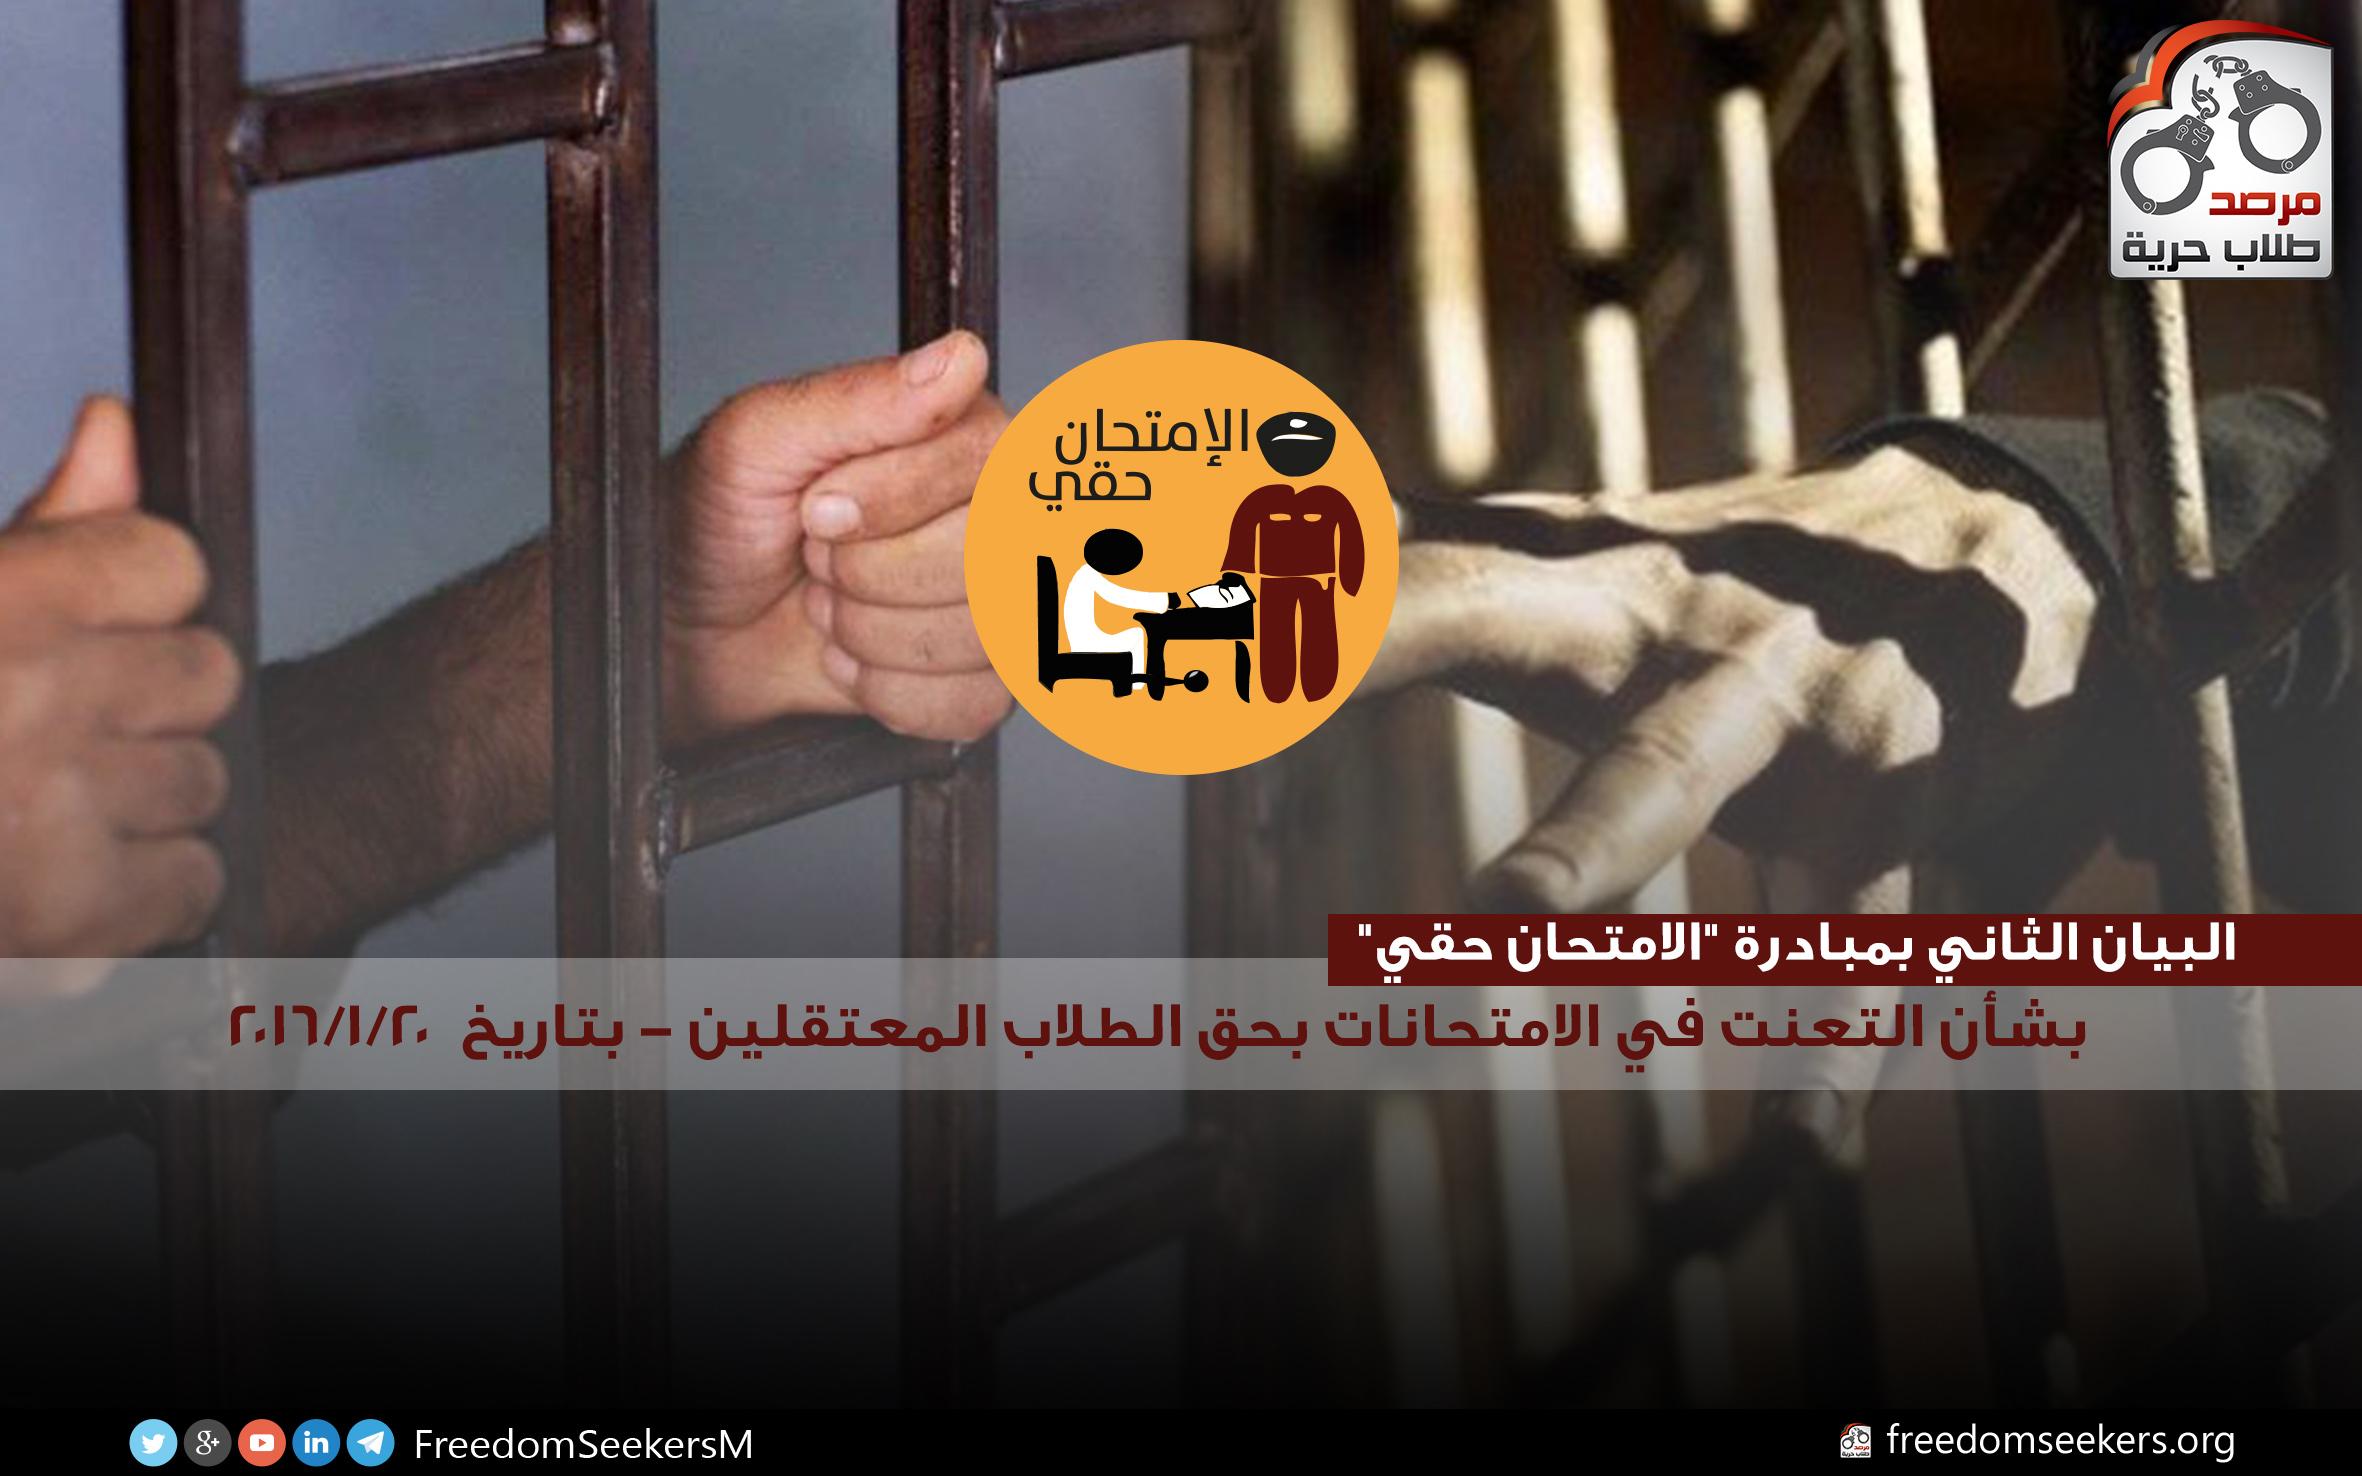 البيان الثاني بمبادرة الامتحان حقي بشأن التعنت بحق الطلاب المعتقلين - بتاريخ  20-1-2016